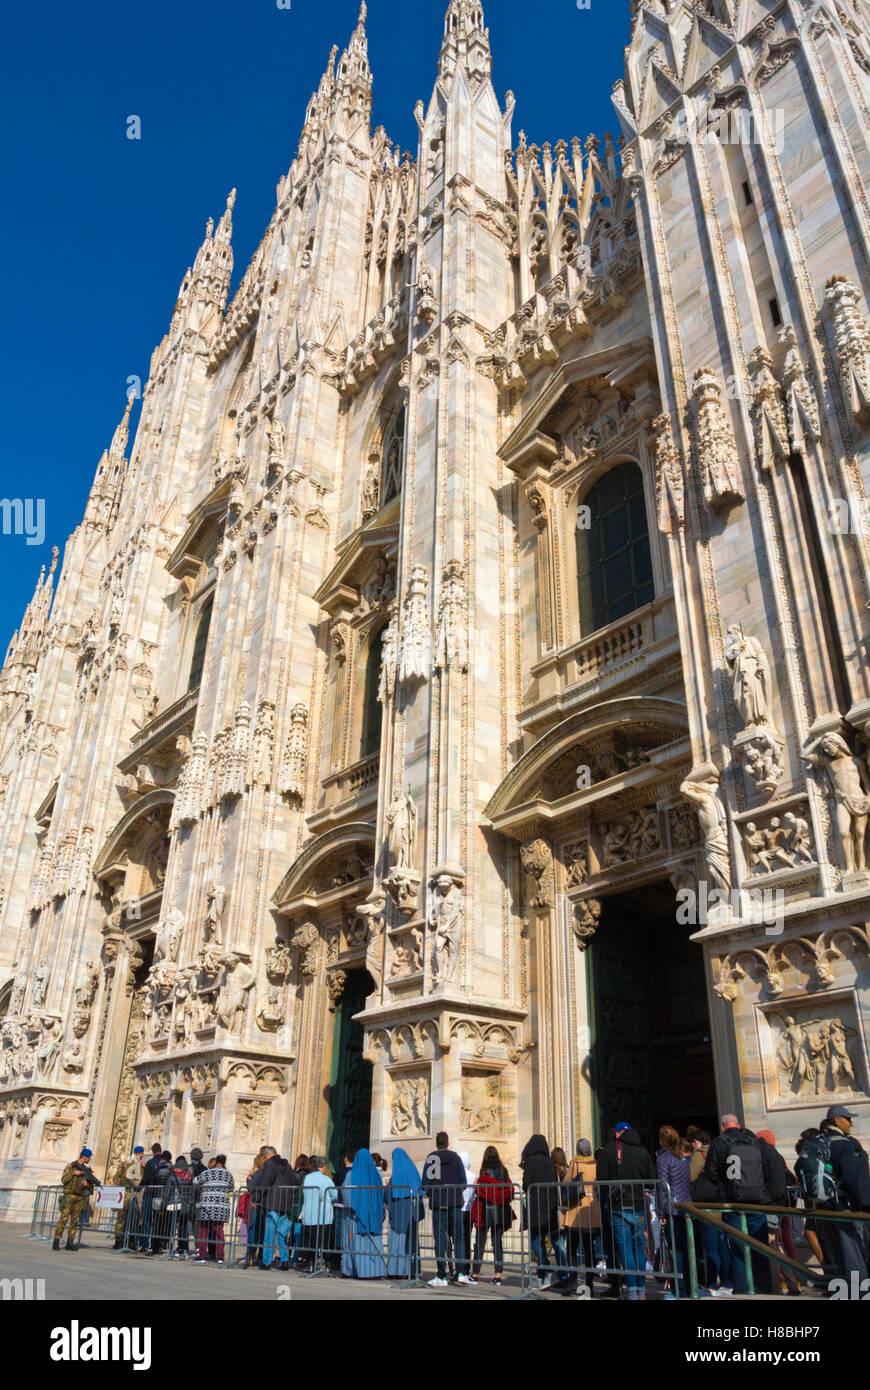 File d'attente pour le Duomo, la cathédrale, la Piazza del Duomo, Milan, Lombardie, Italie Photo Stock